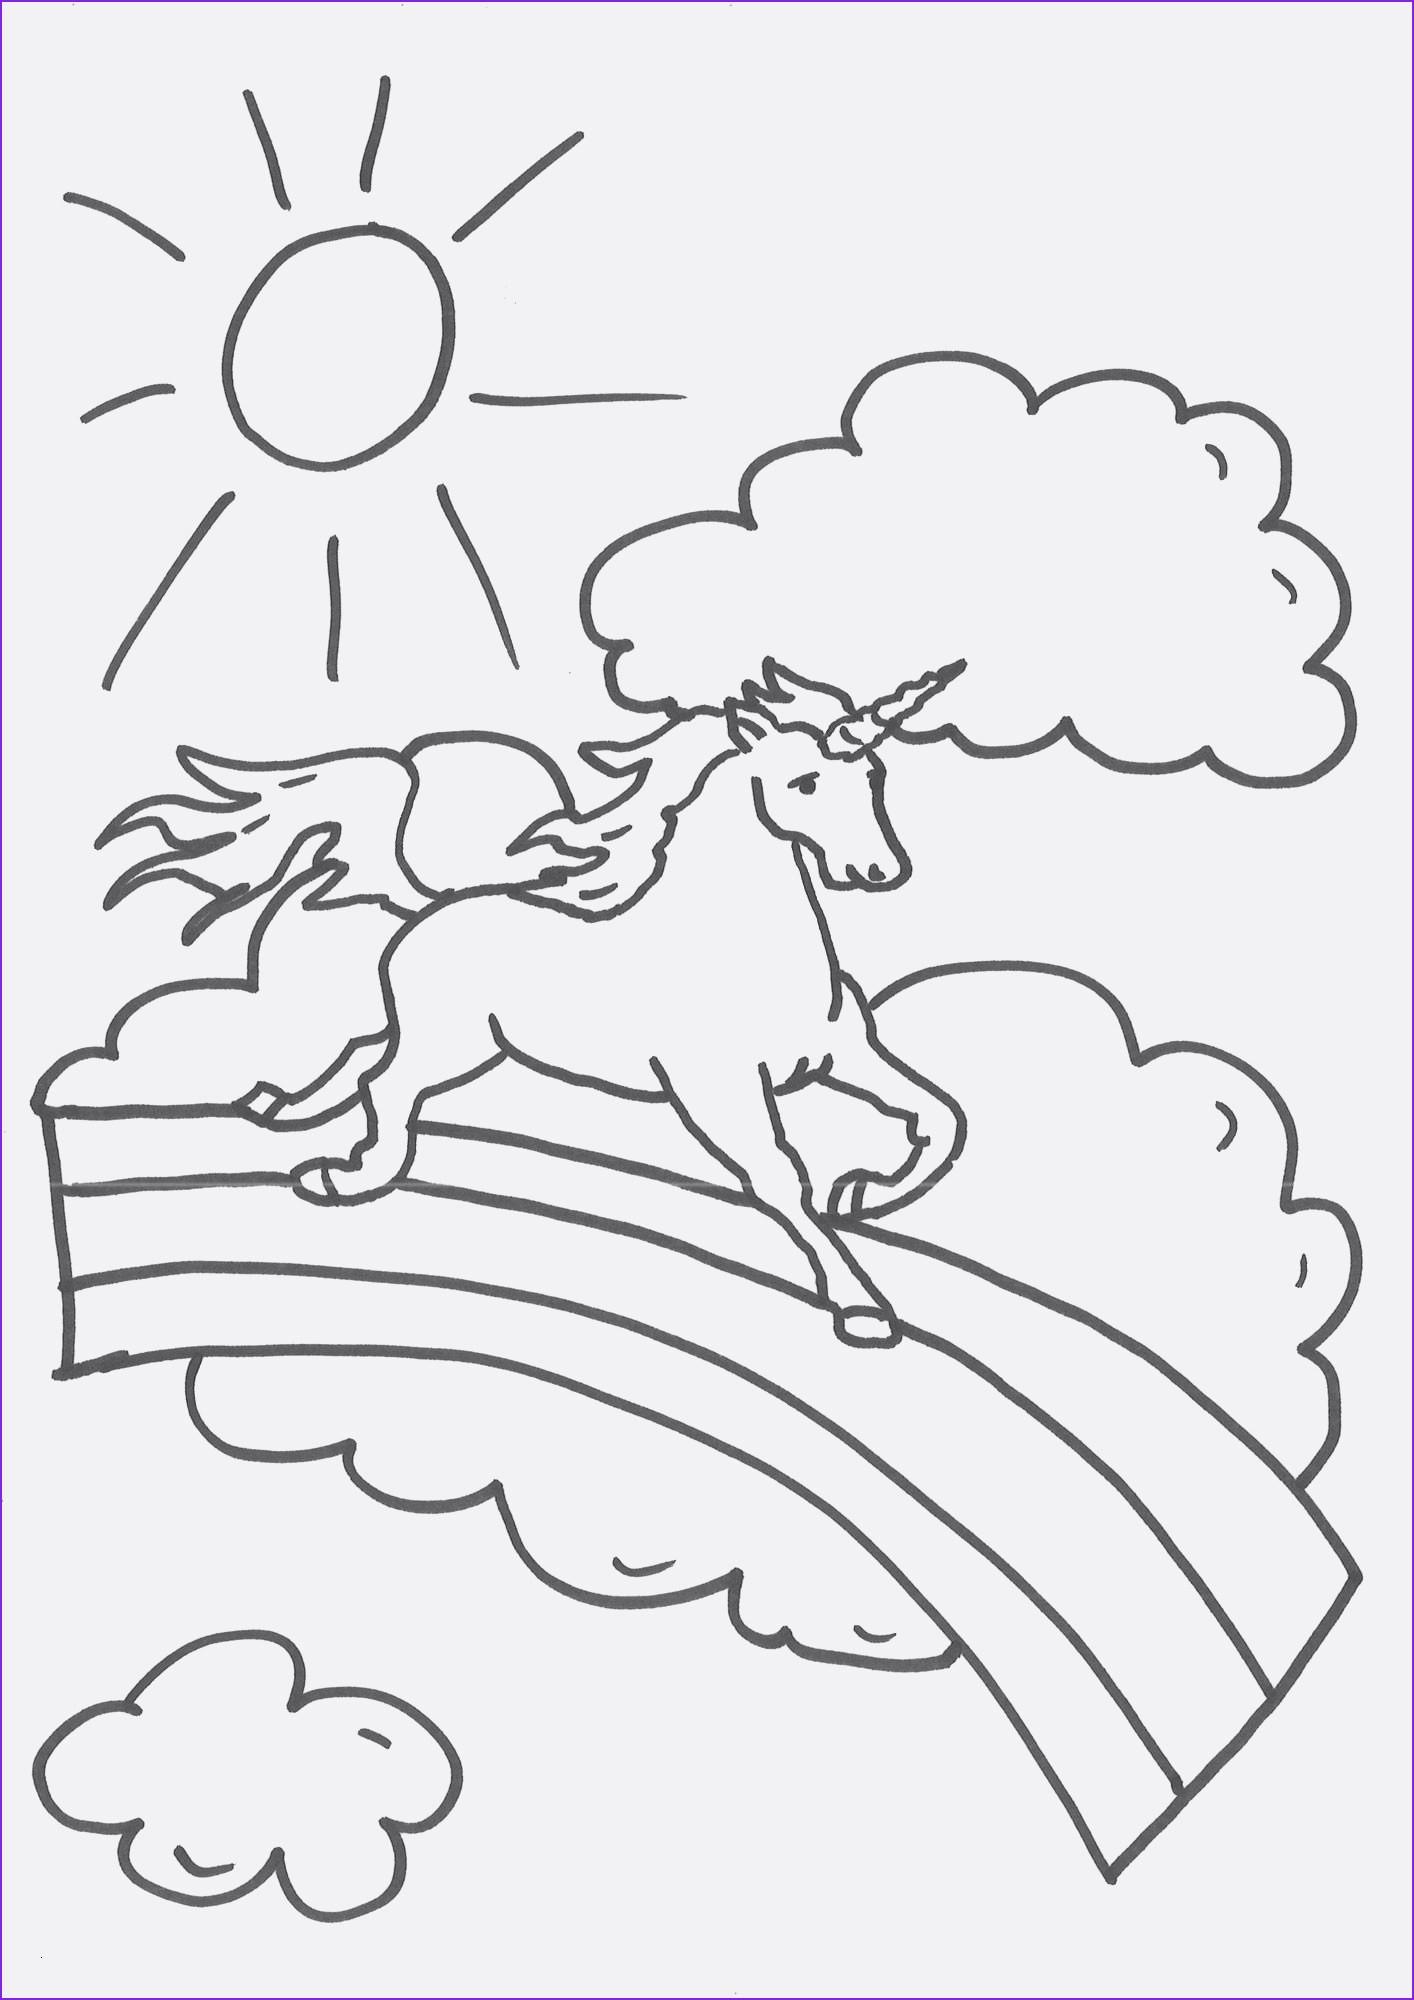 Der Kleine Maulwurf Ausmalbilder Genial 41 Erstaunlich Igel Zum Ausmalen Malvorlagen Malvorlagen Sammlungen Bild